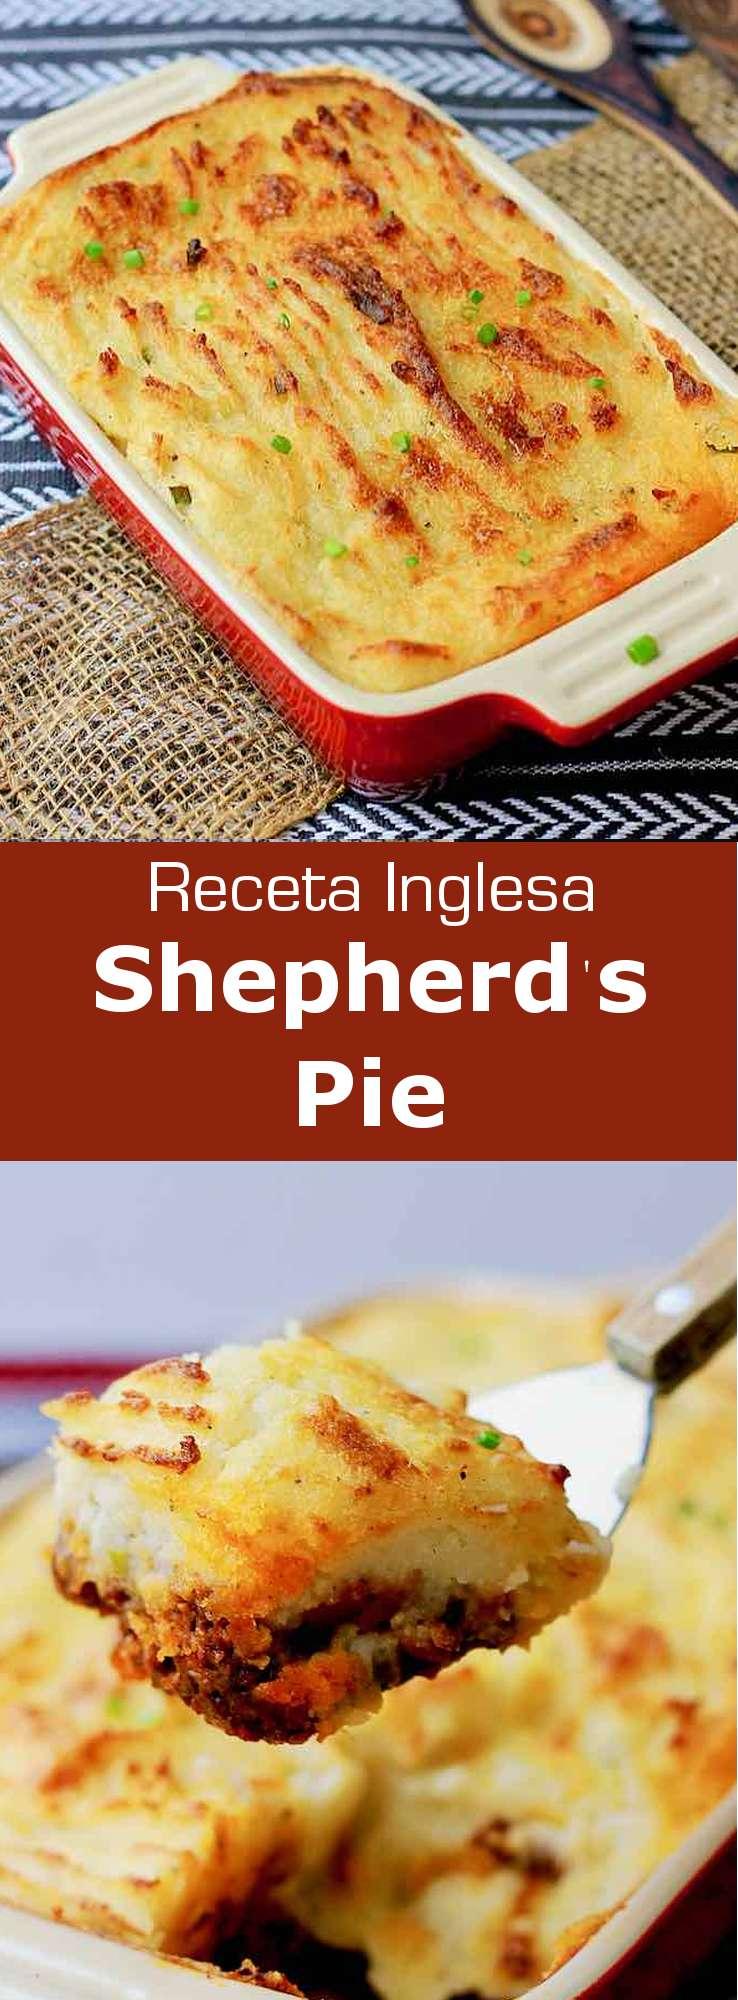 El shepherd's pie es un plato tradicional británico, hecho de cordero o borrego y puré de patatas que es similar al hachis parmentier francés.